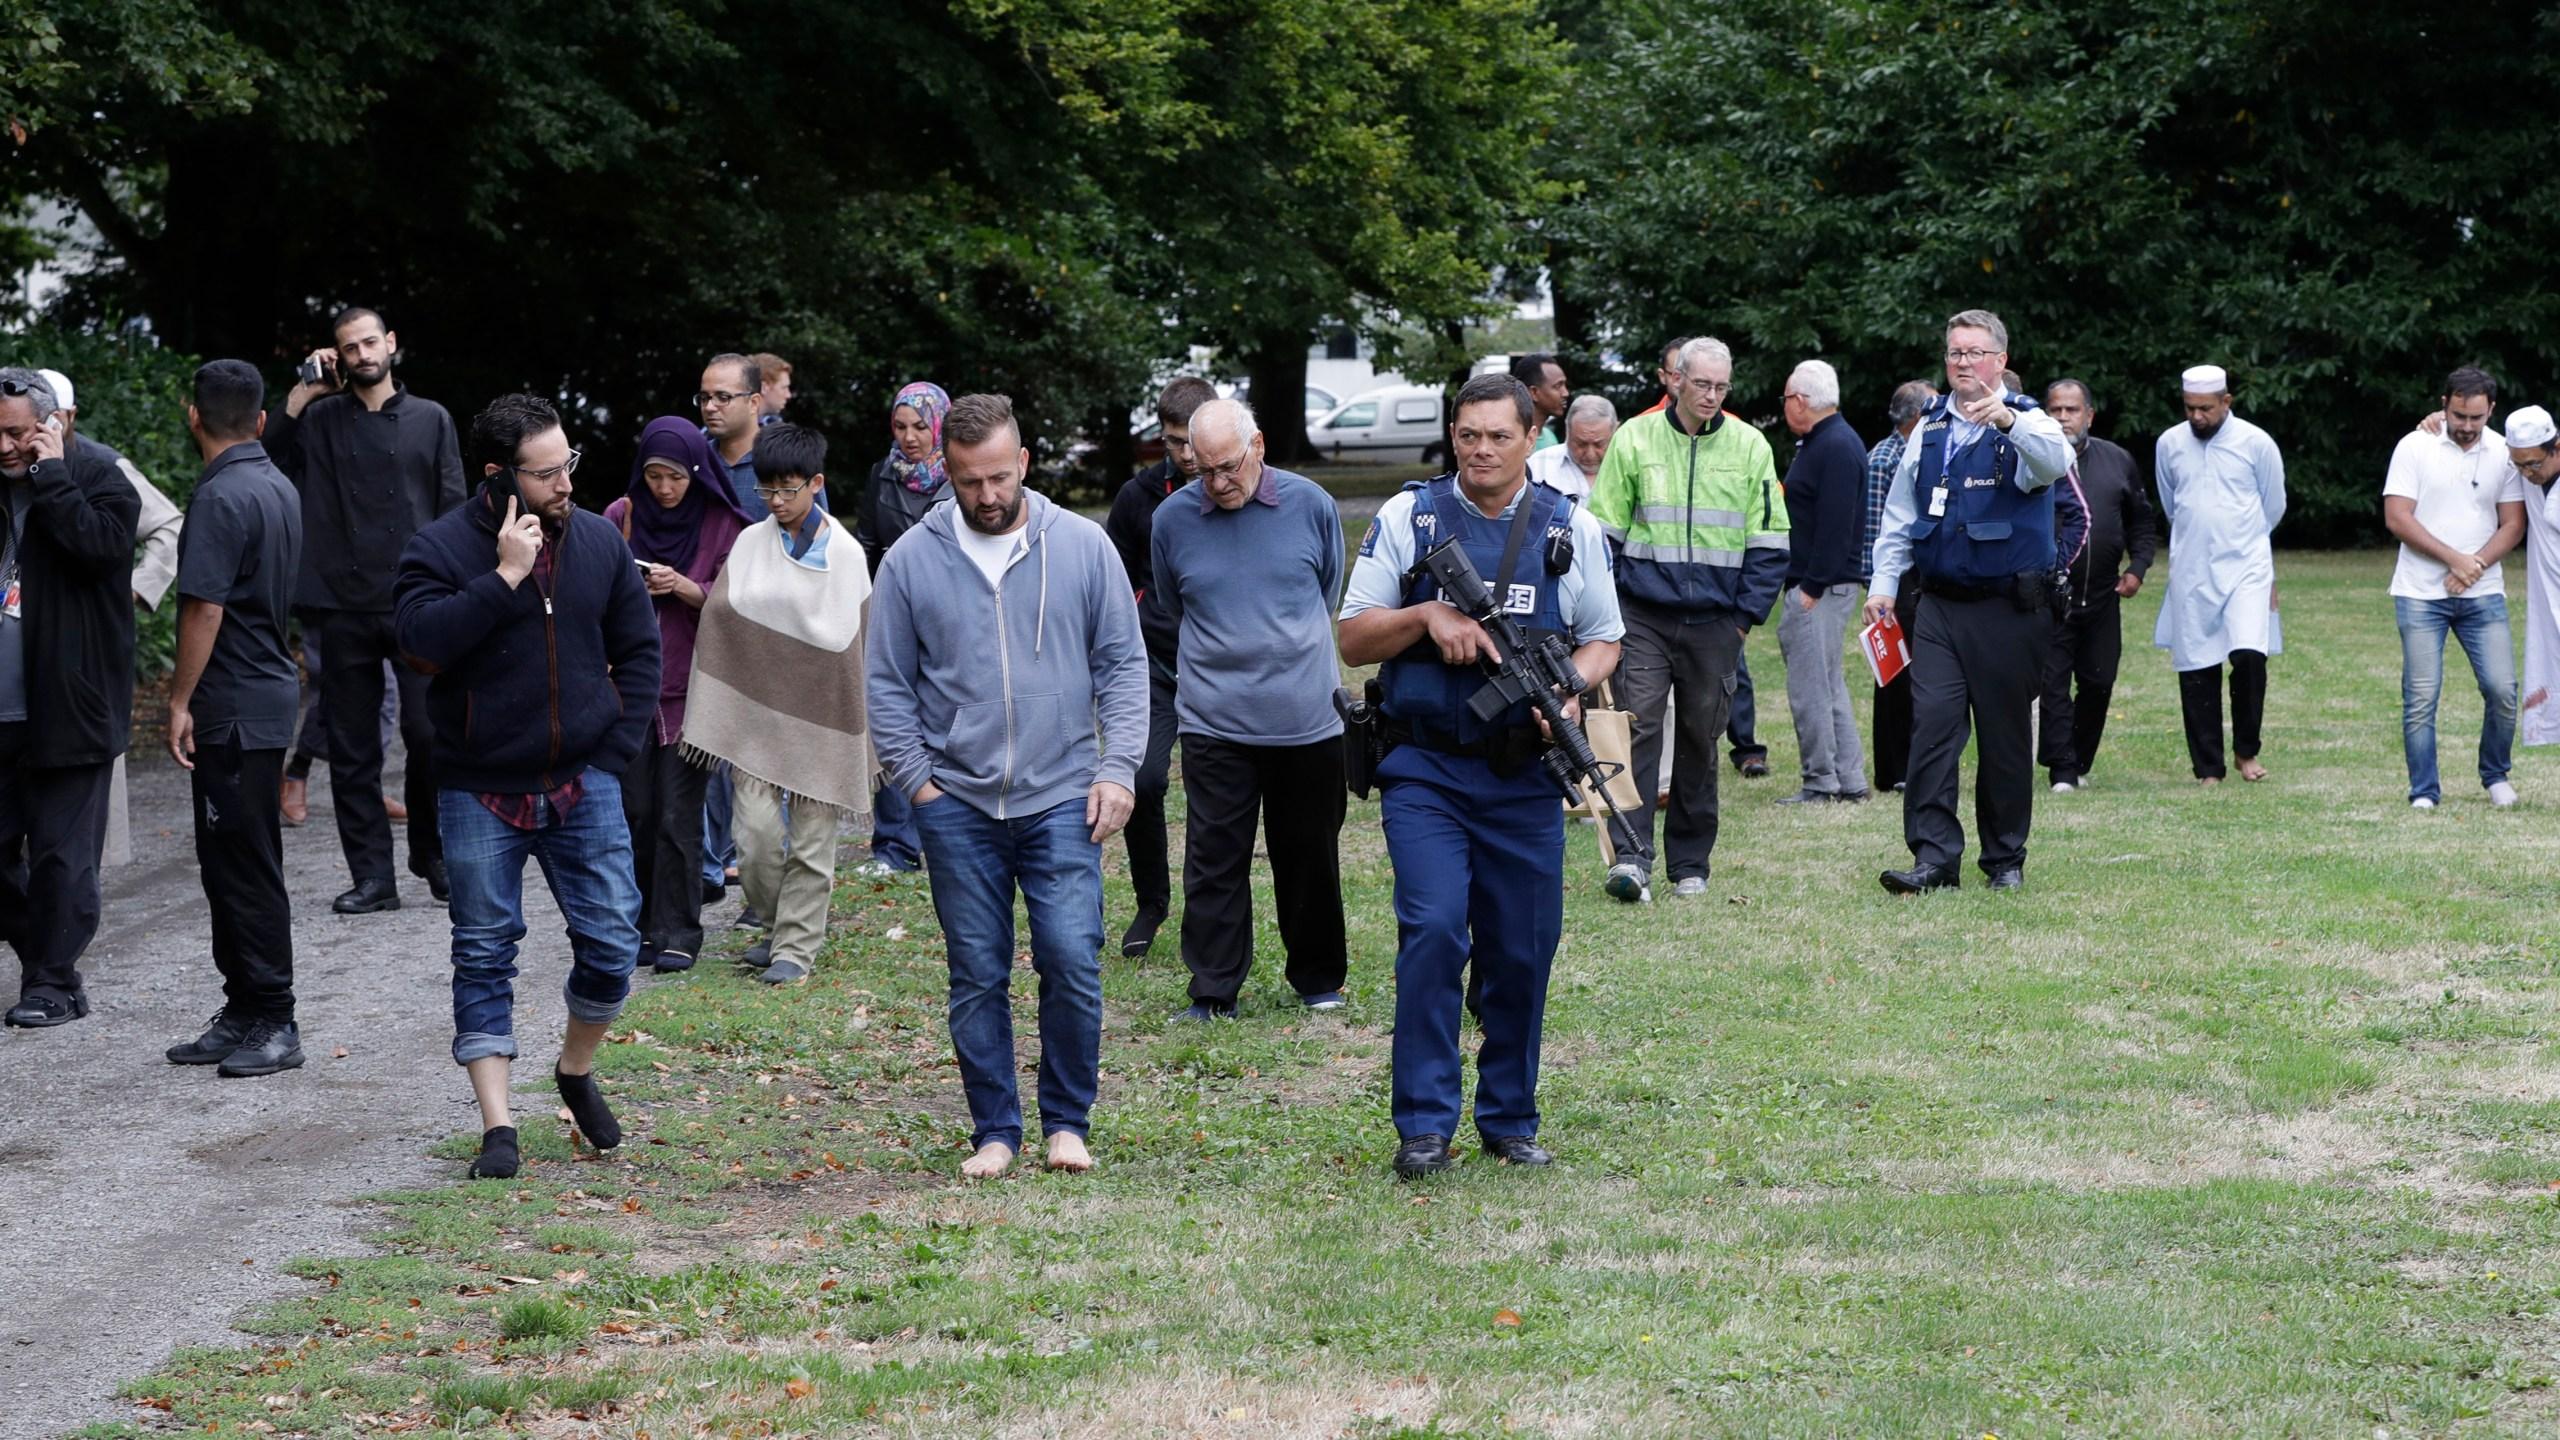 New_Zealand_Mosque_Shooting_59072-159532.jpg94639020